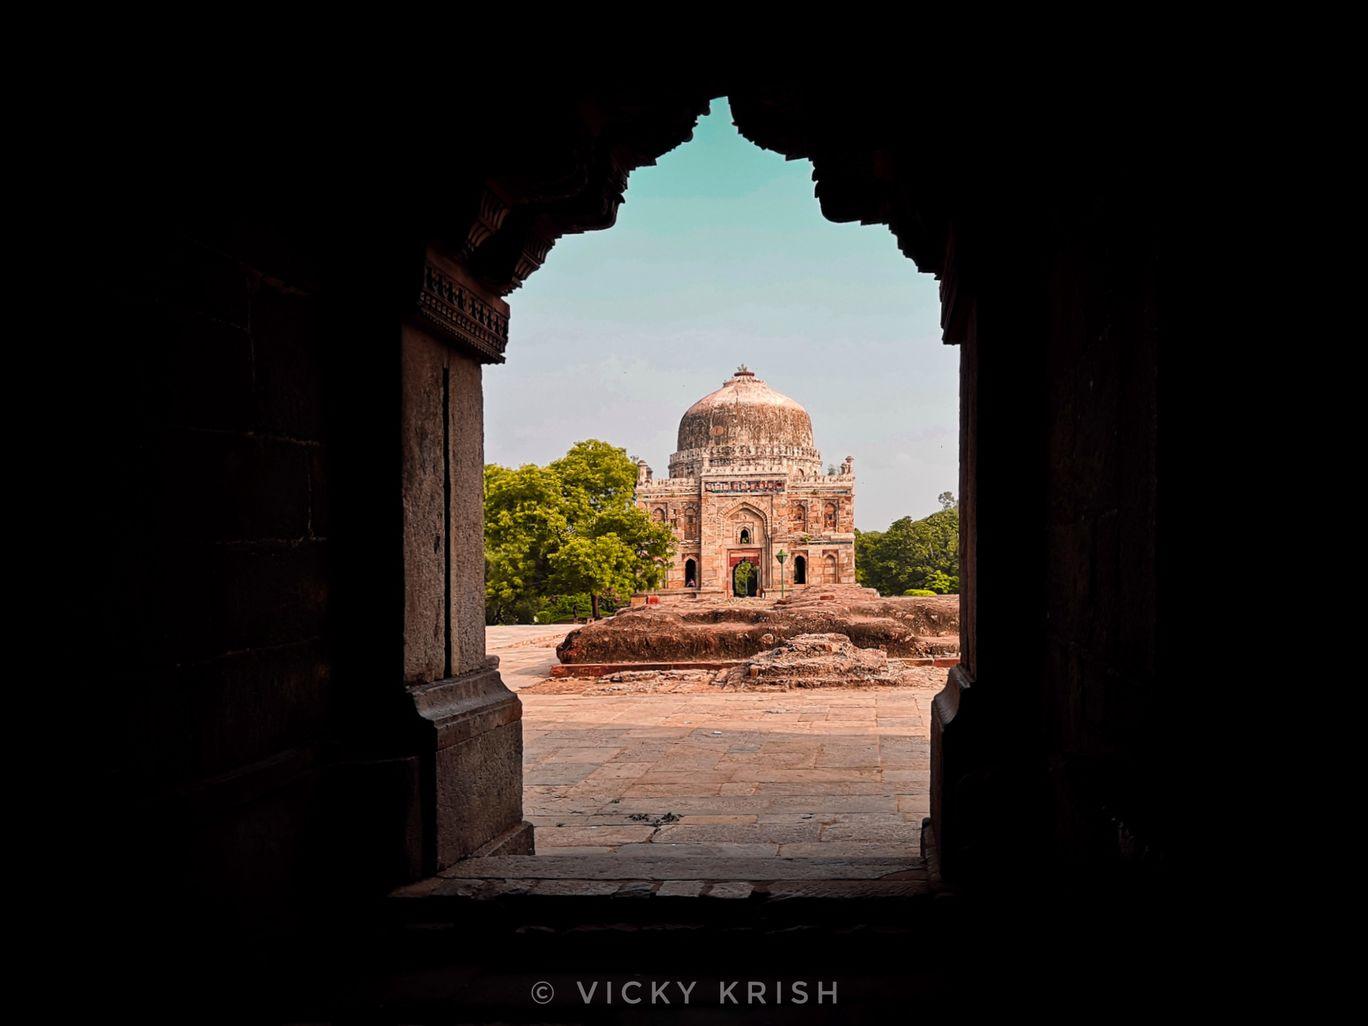 Photo of New Delhi By Vicky Krish